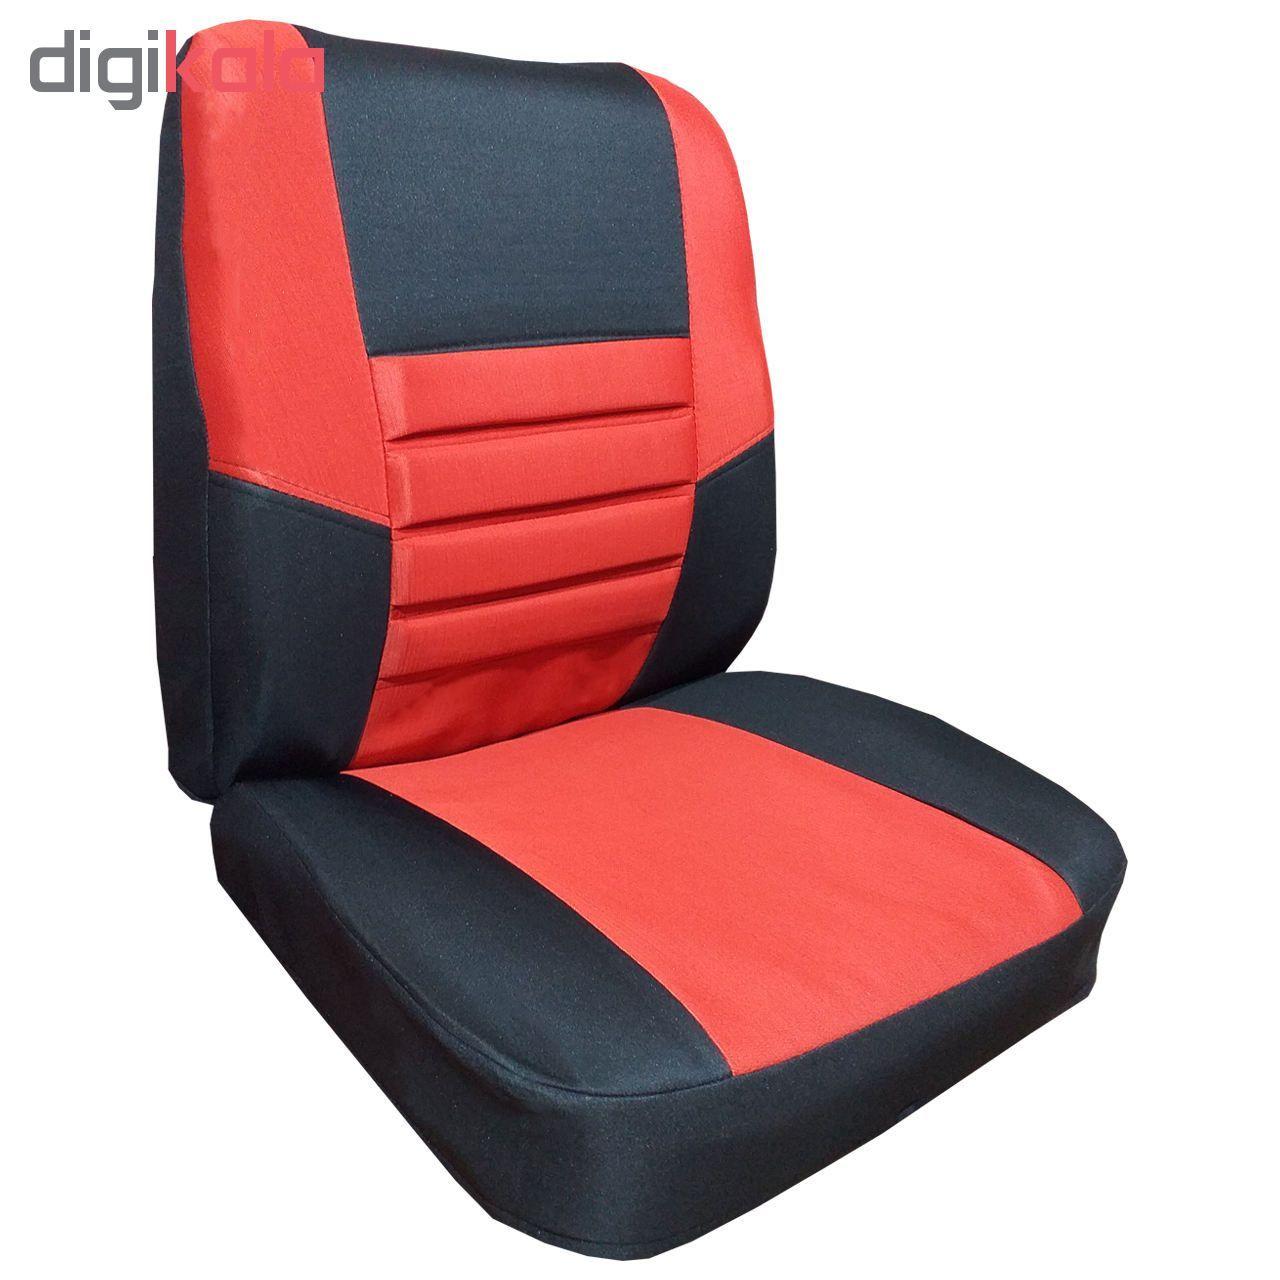 روکش صندلی خودرو مدل 2002 مناسب برای پراید صبا main 1 7